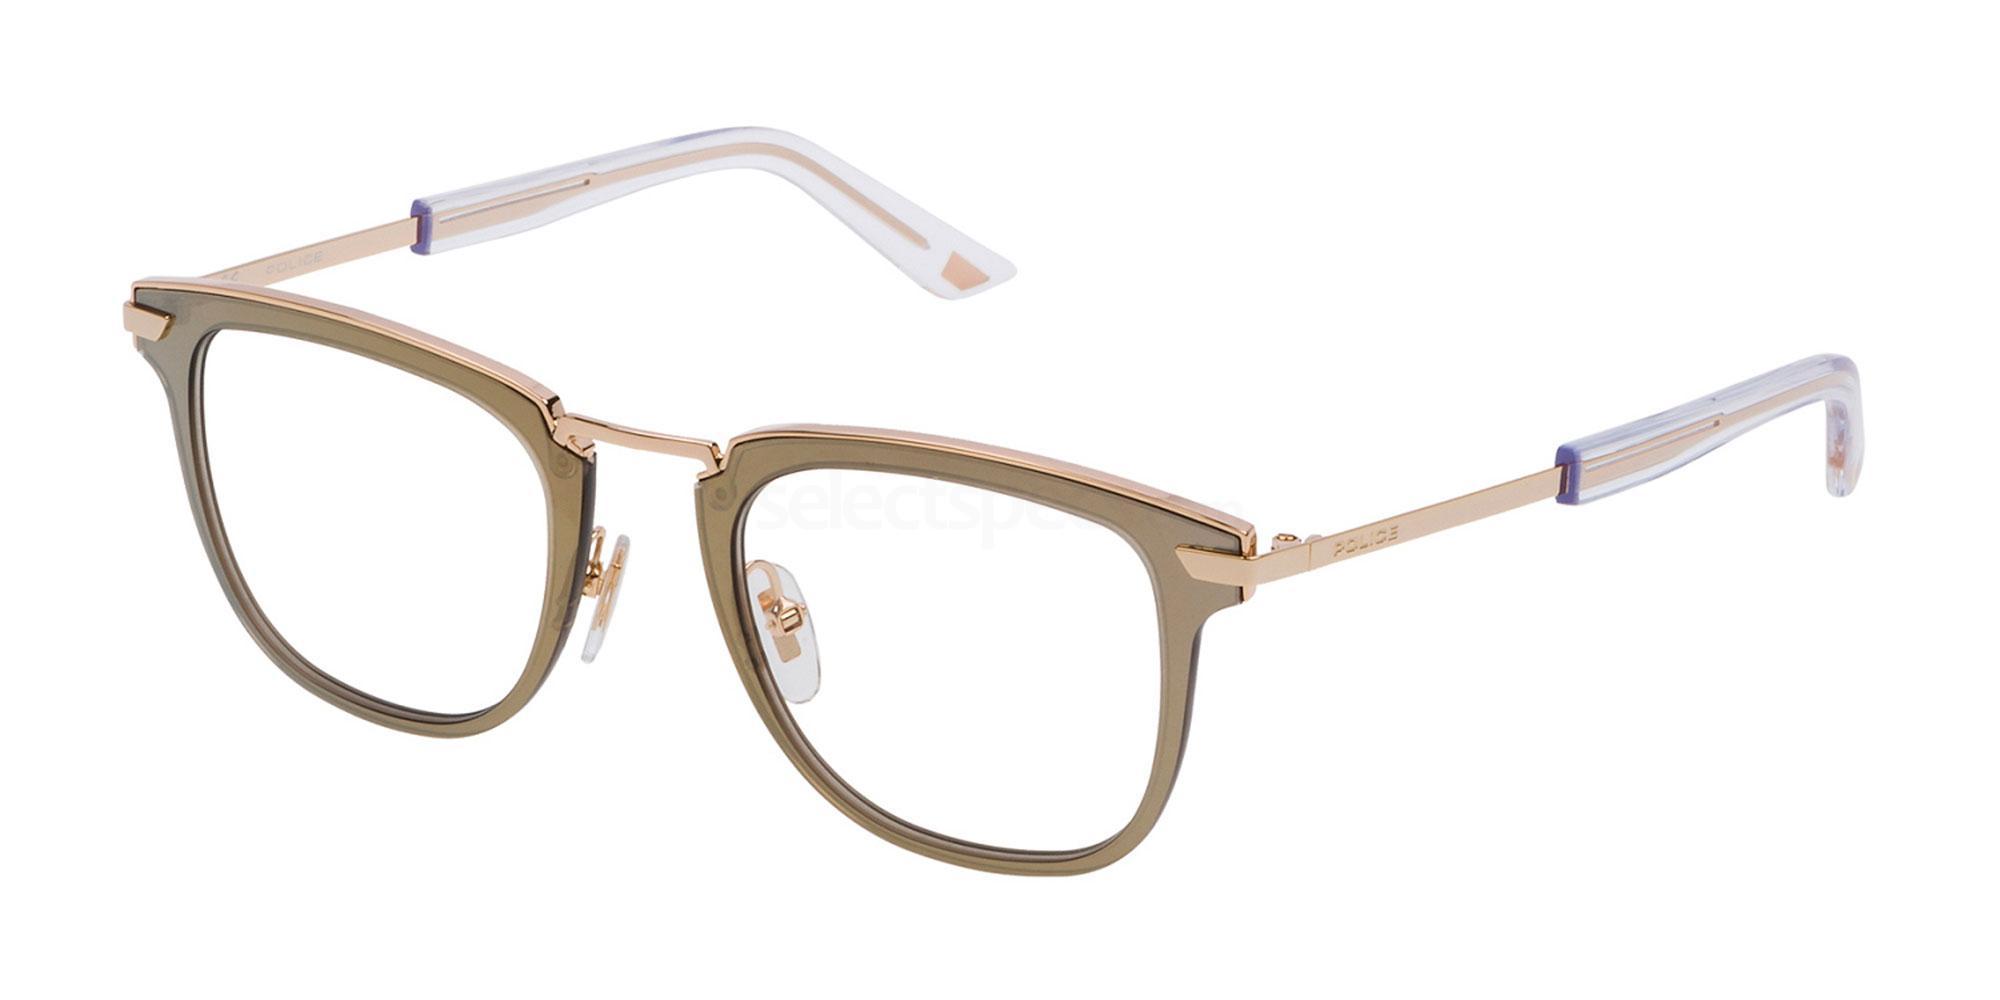 0300 VPL566 Glasses, Police